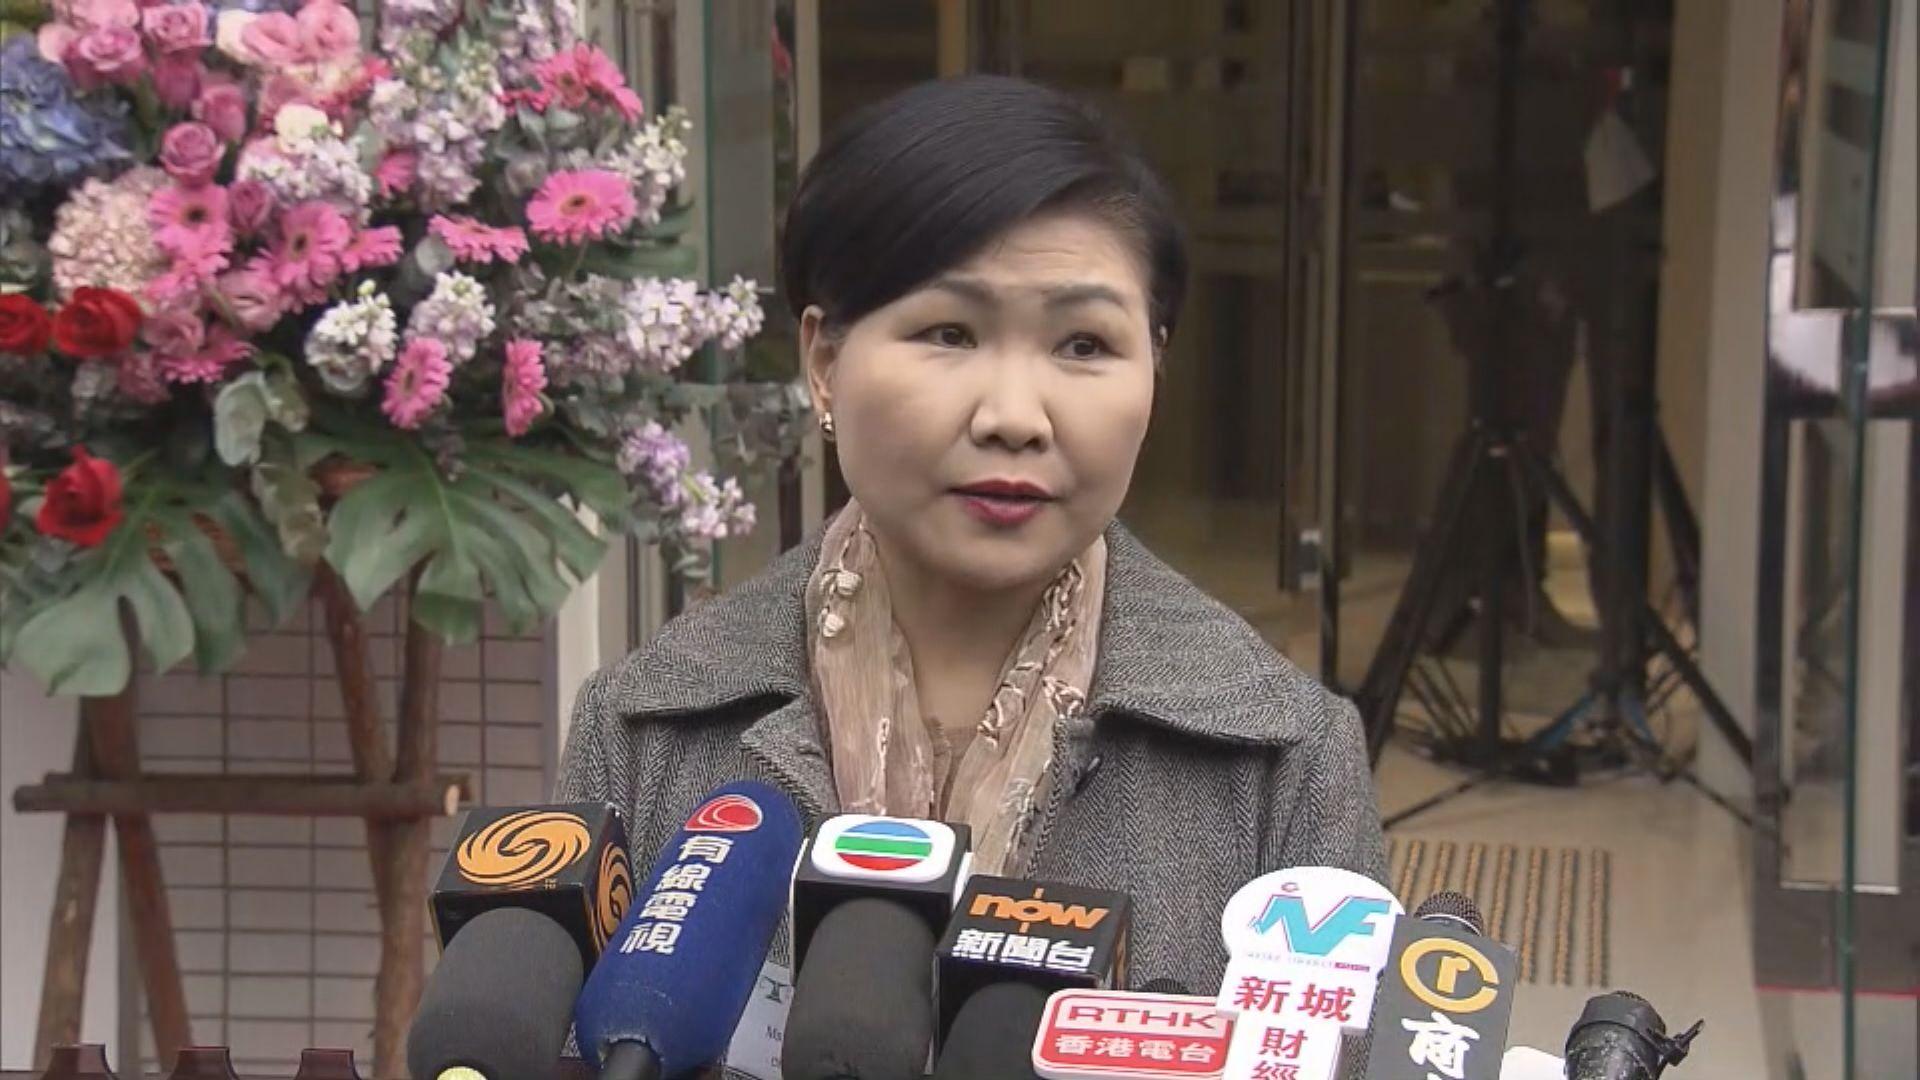 劉德華取消兩晚演唱會 消委會暫未接獲求助